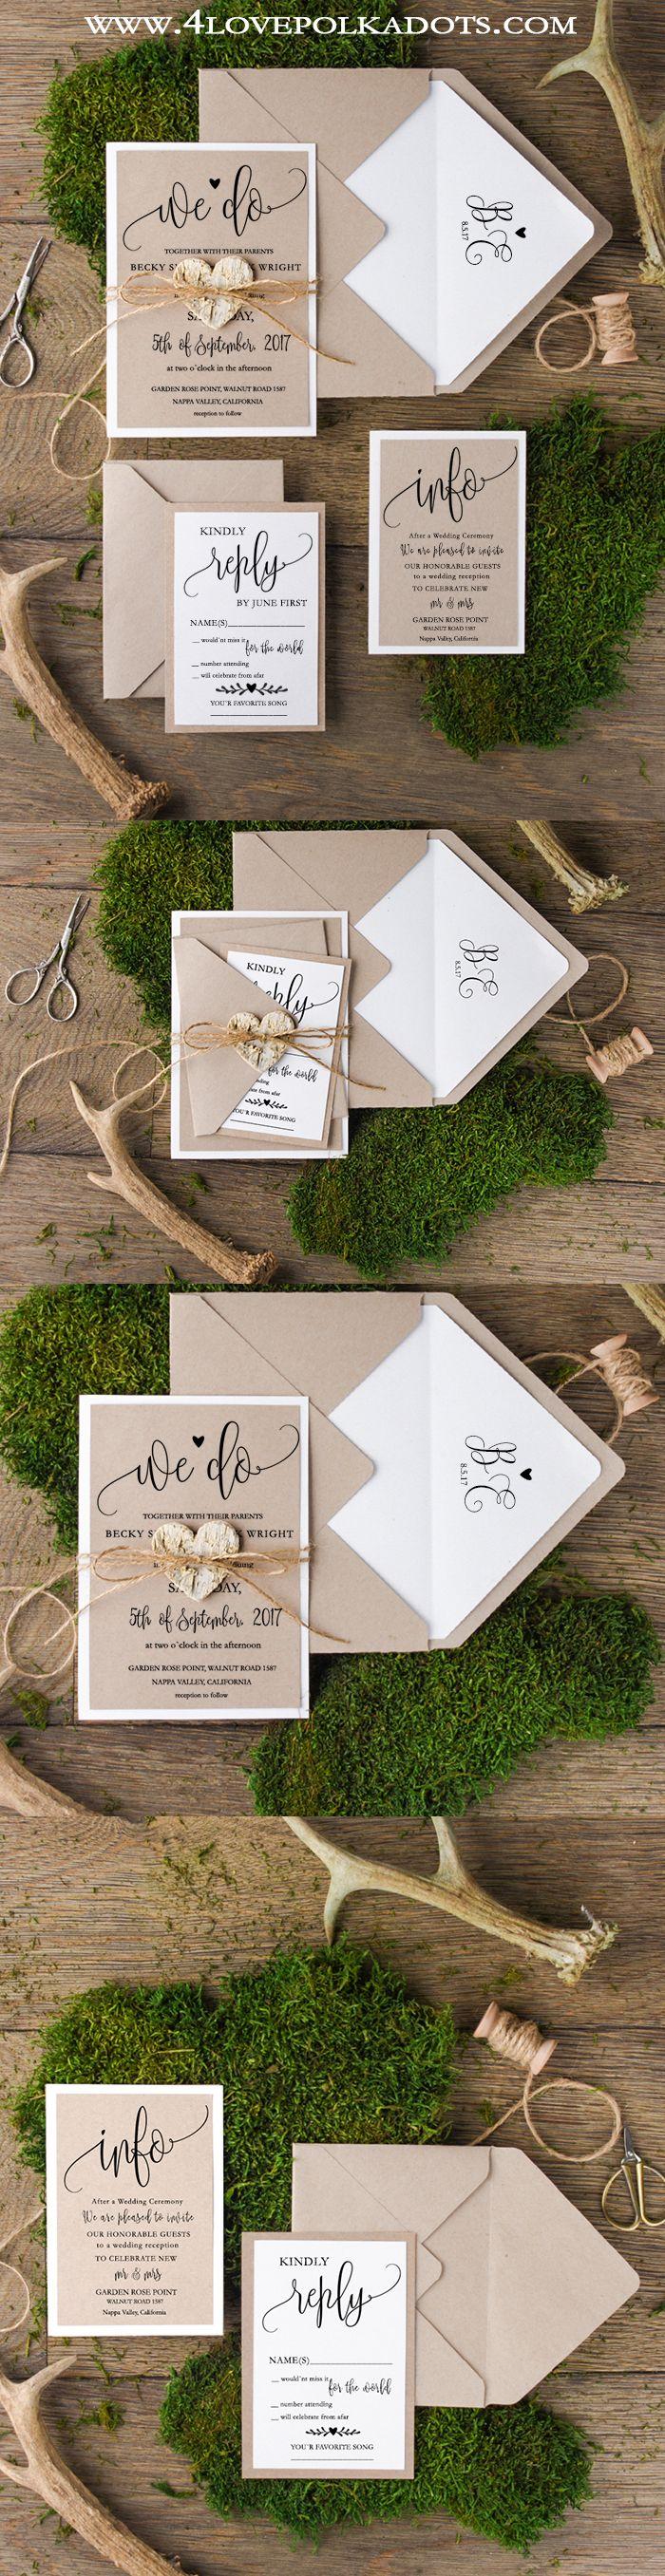 Rustic wedding invitations weddingideas altares y decoracion